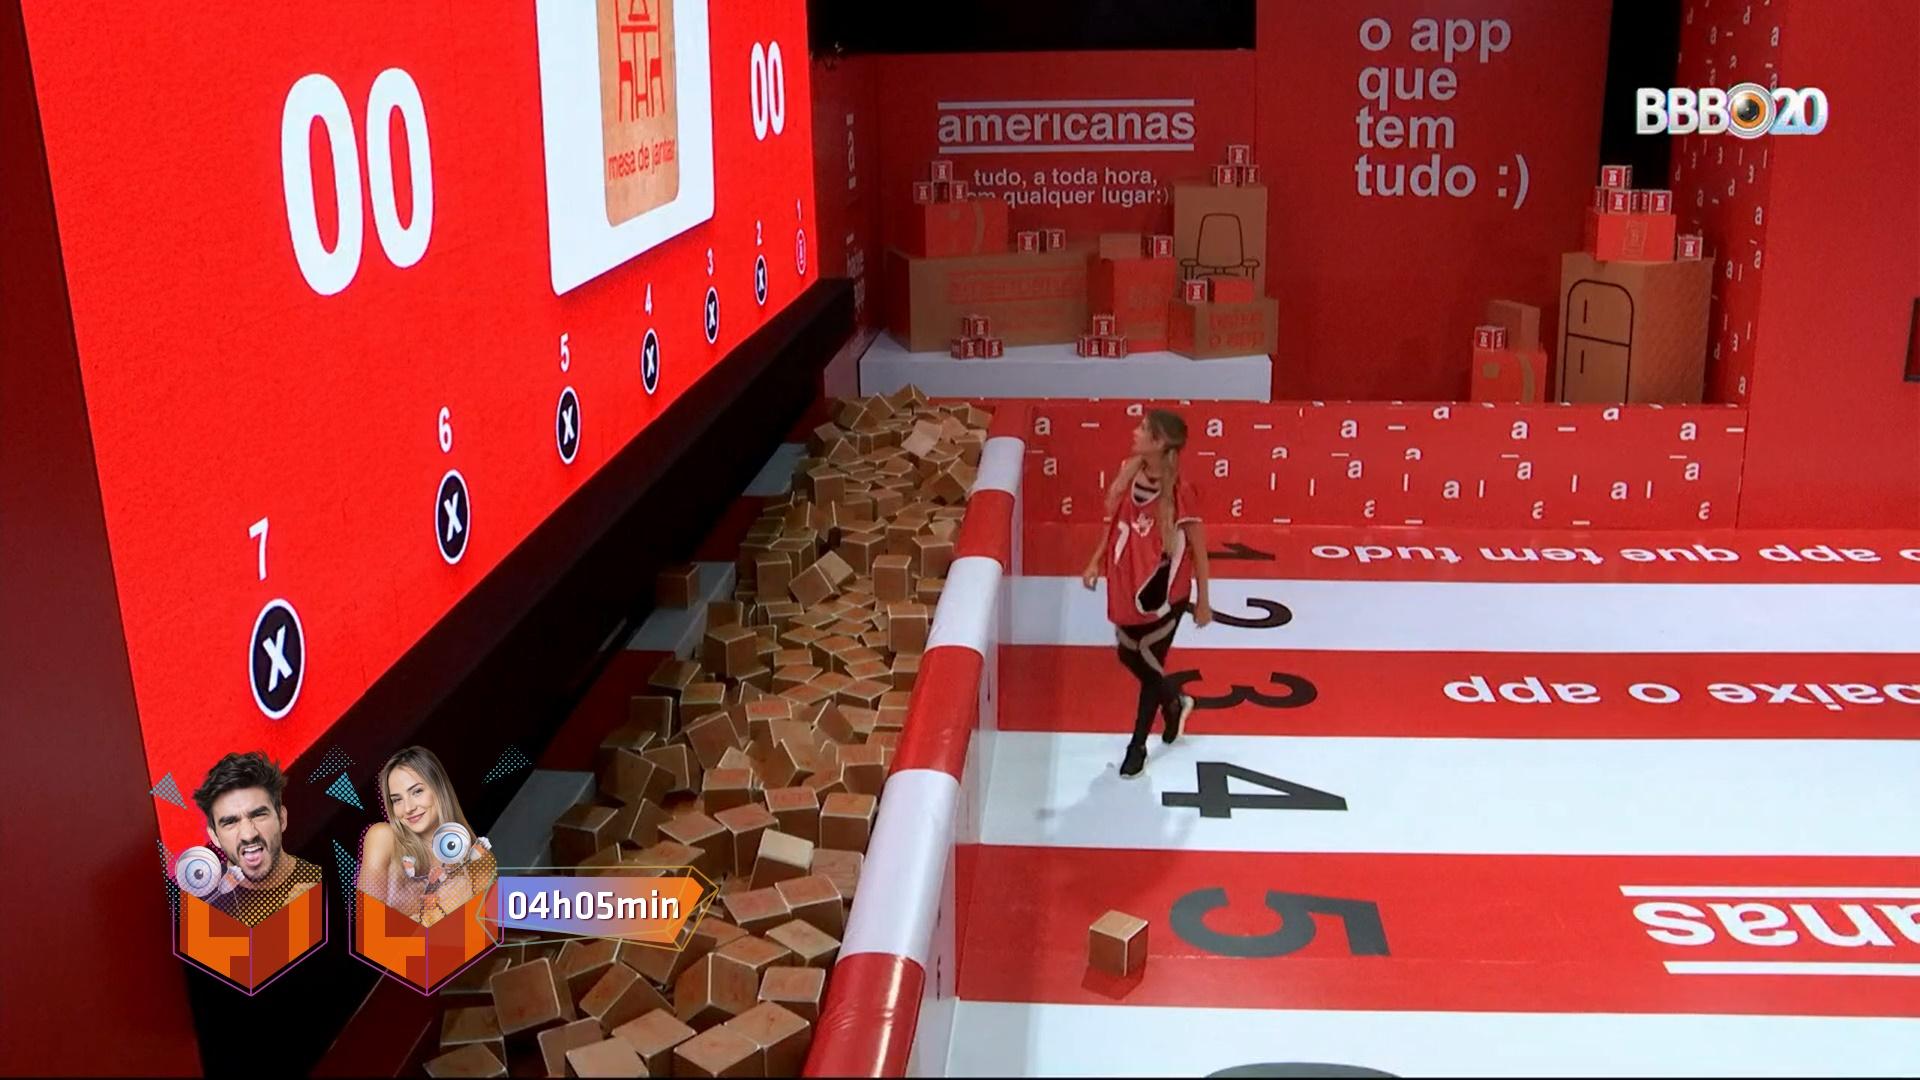 bbb Gabi e Guilherme ganham a Prova do Líder (Foto: Reprodução)